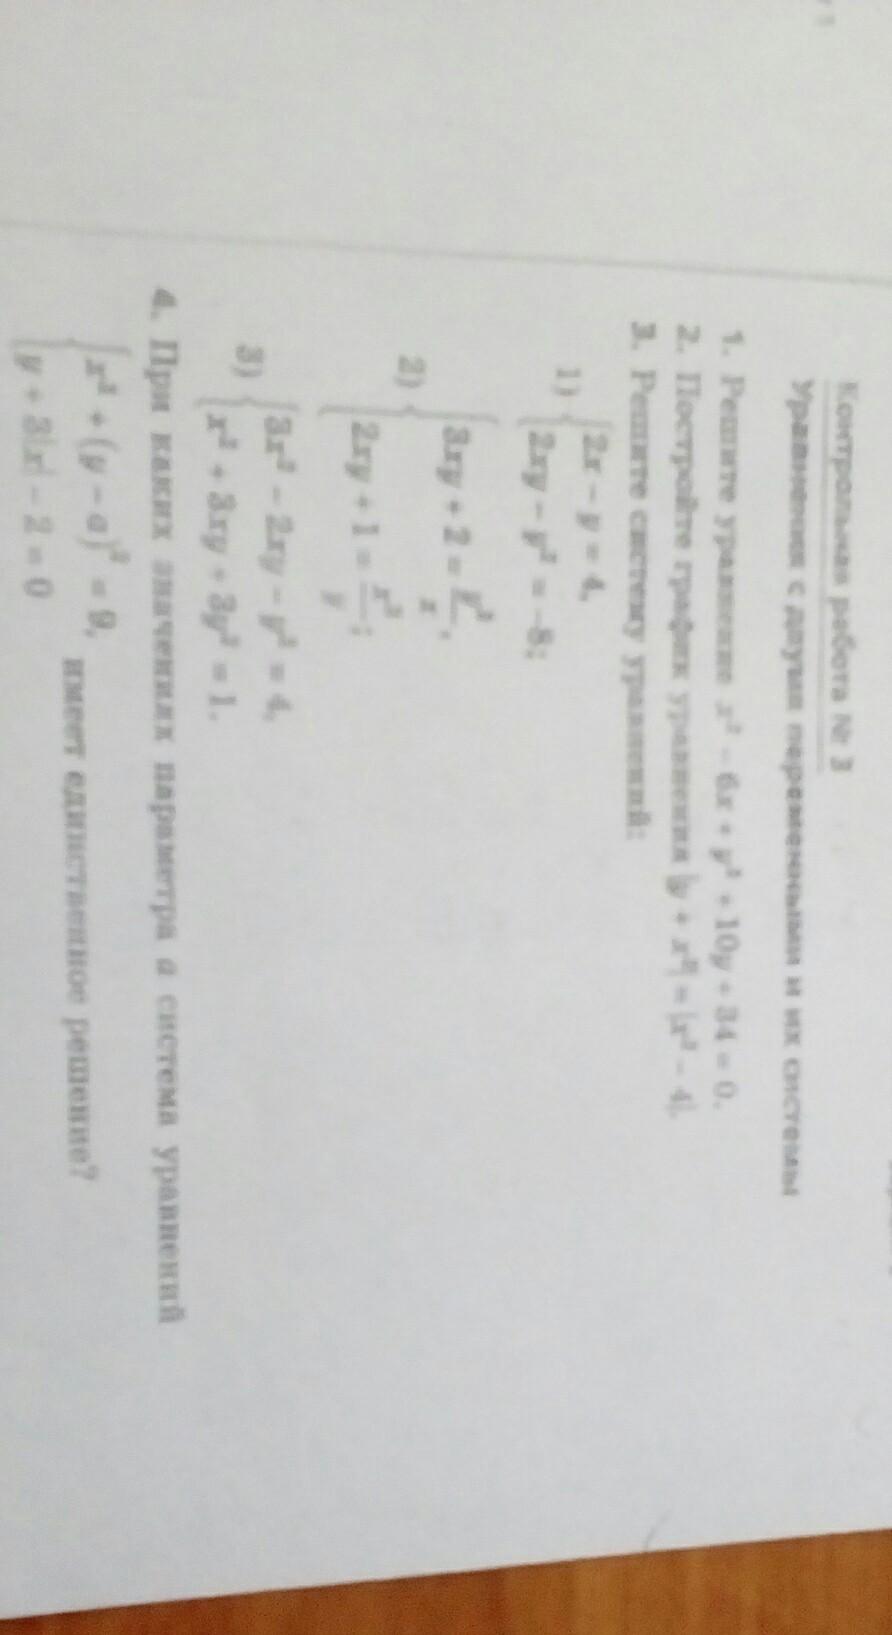 алгебра контрольная работа класс Школьные Знания com Алгебра контрольная работа 9 класс